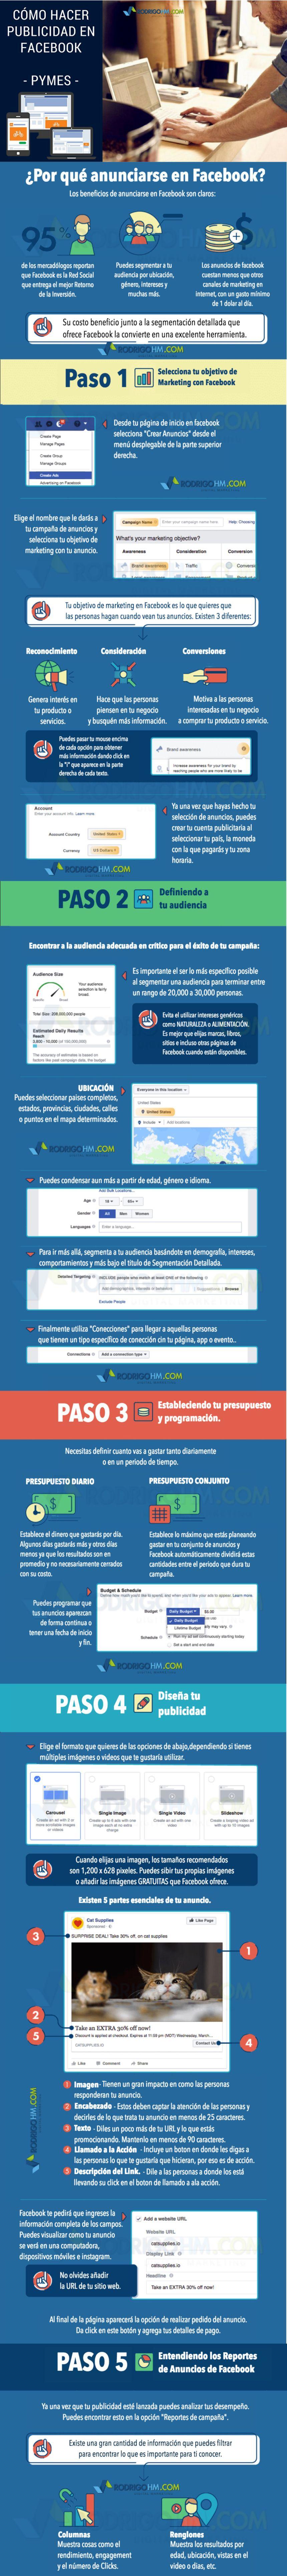 Cómo Hacer Publicidad En Facebook Infografia Infographic Socialmedia Marketing Tics Y Formación Como Hacer Publicidad Administracion De Negocios Publicidad